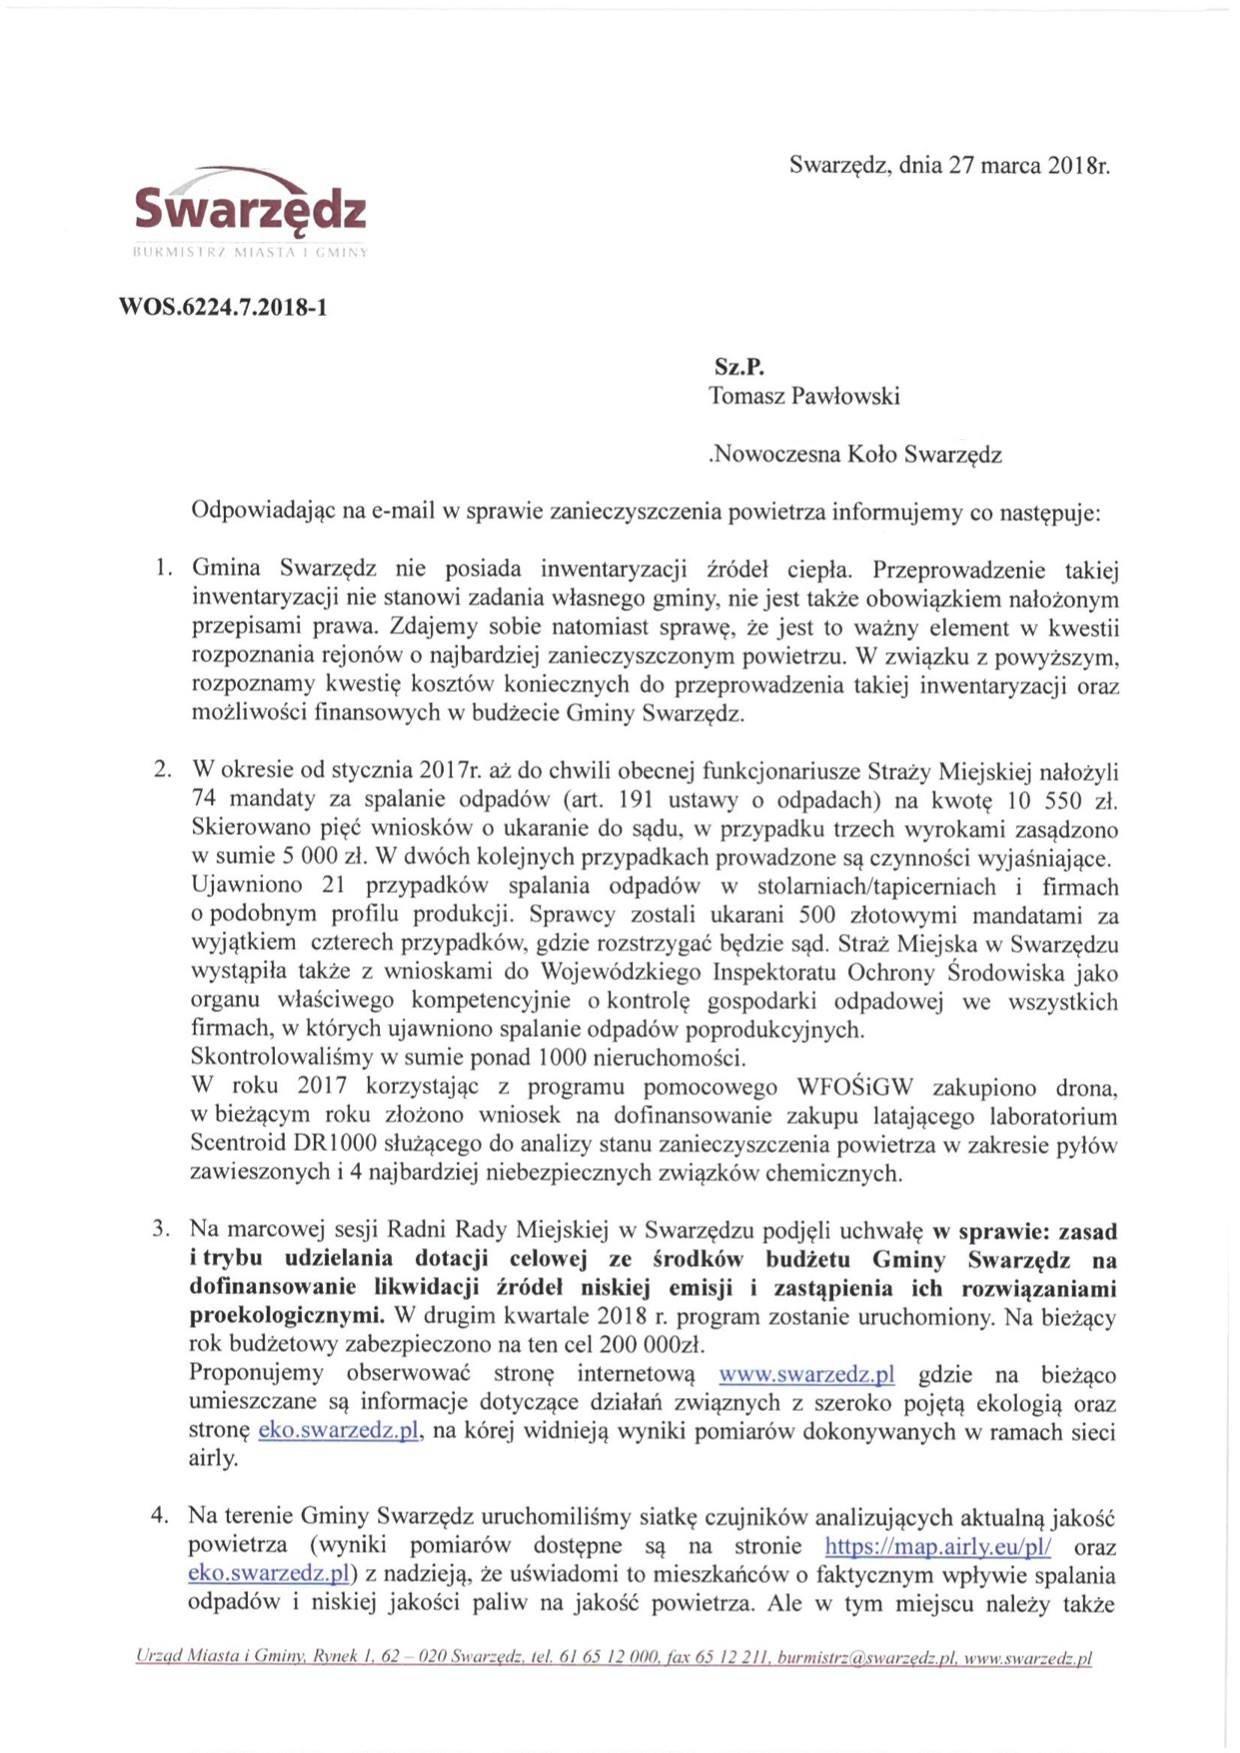 Zbiorcza informacja o działaniach UMiG Swarzędz